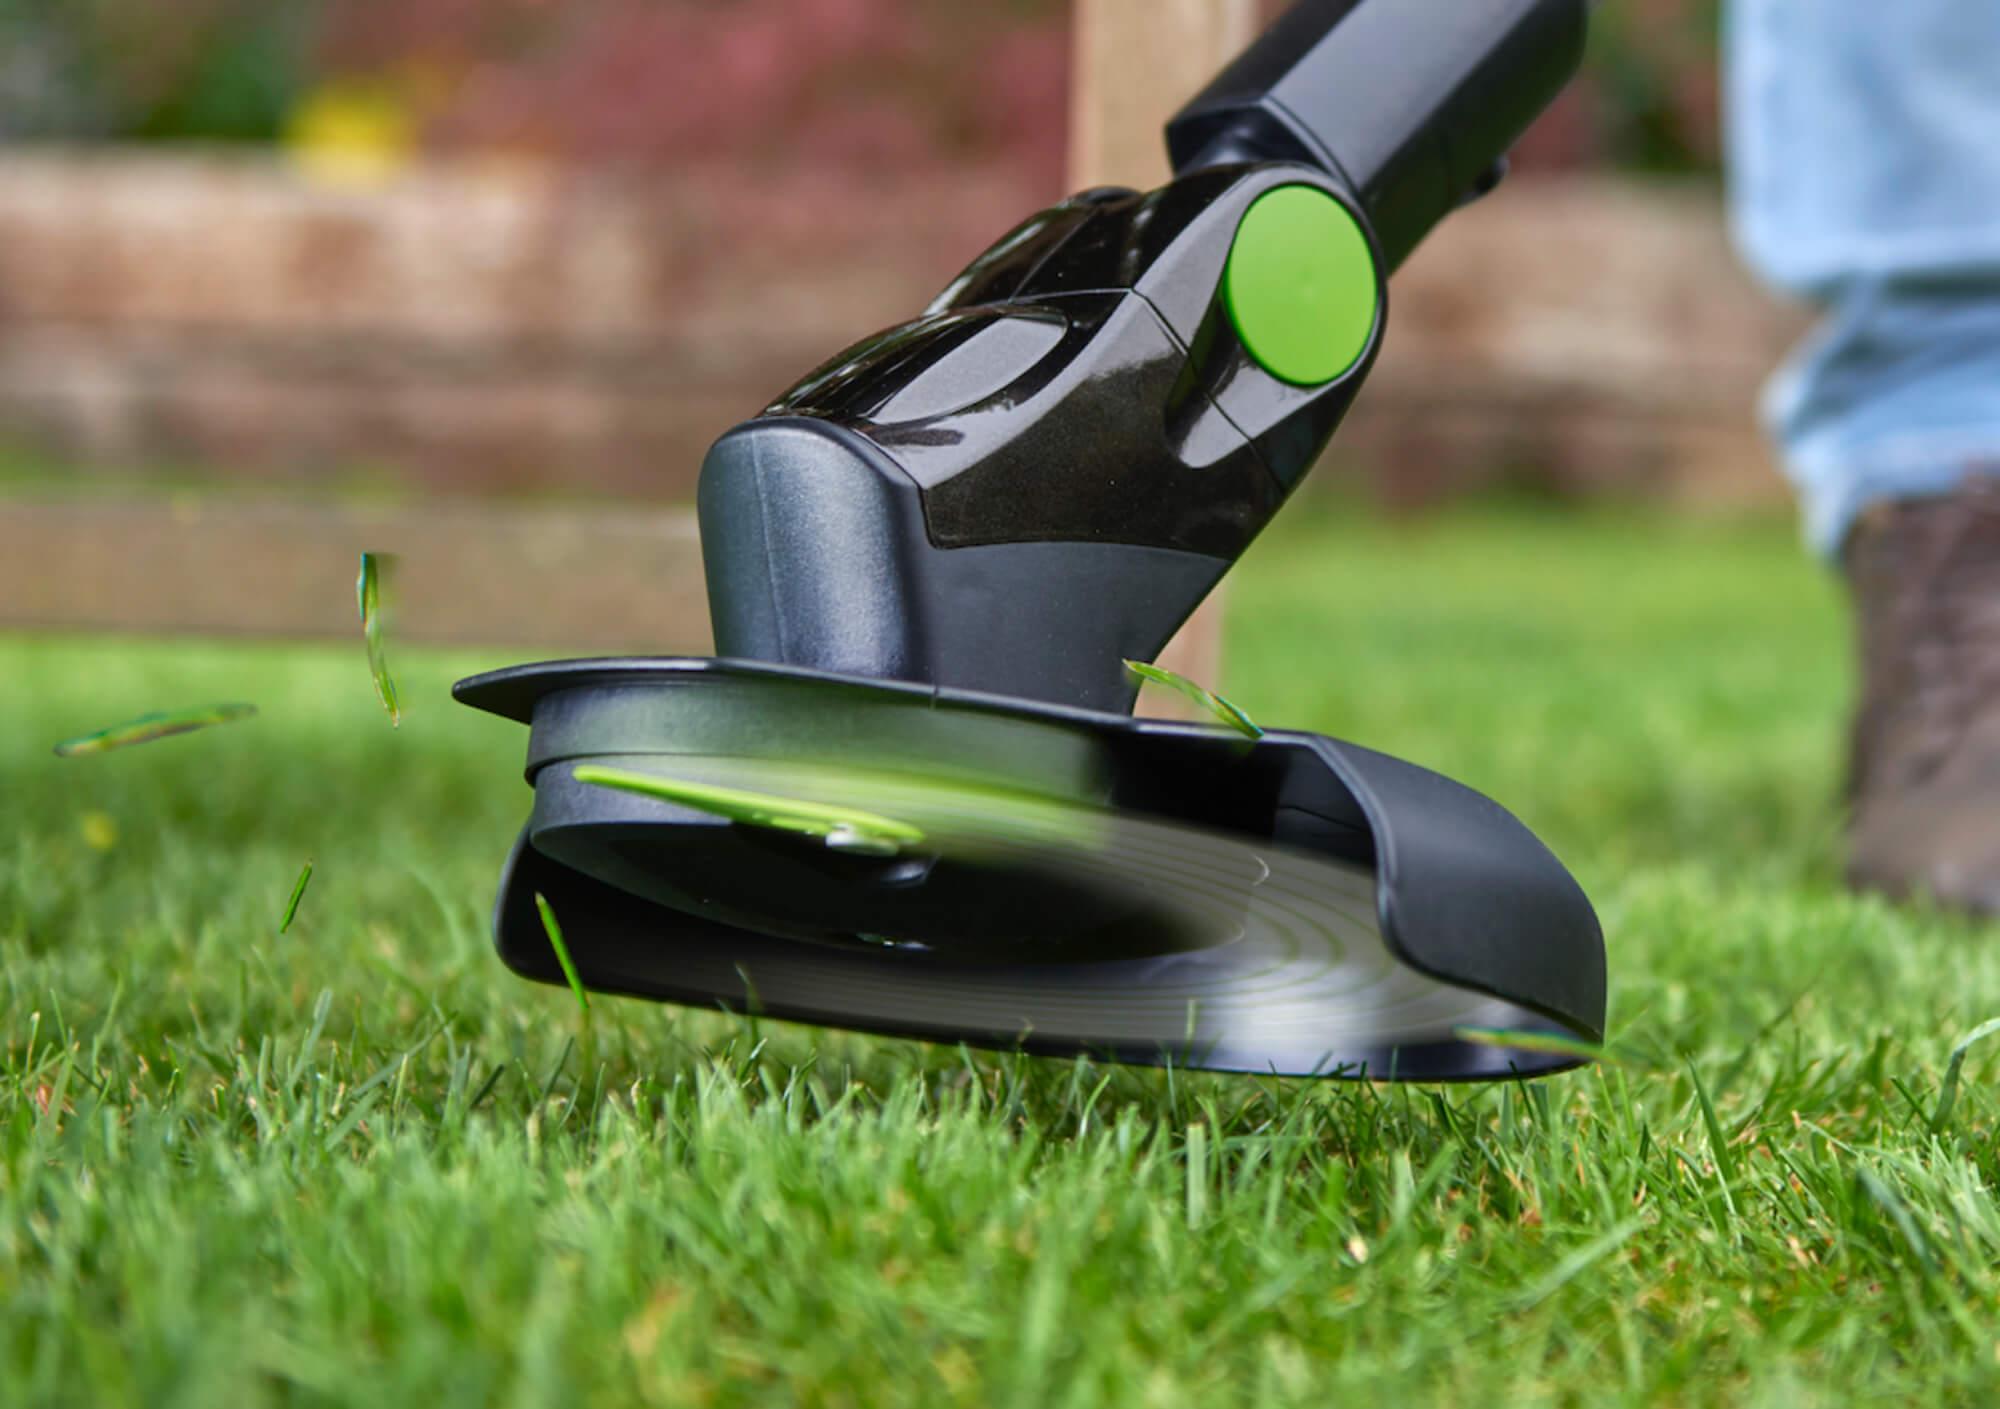 Gtech Grass Cutter